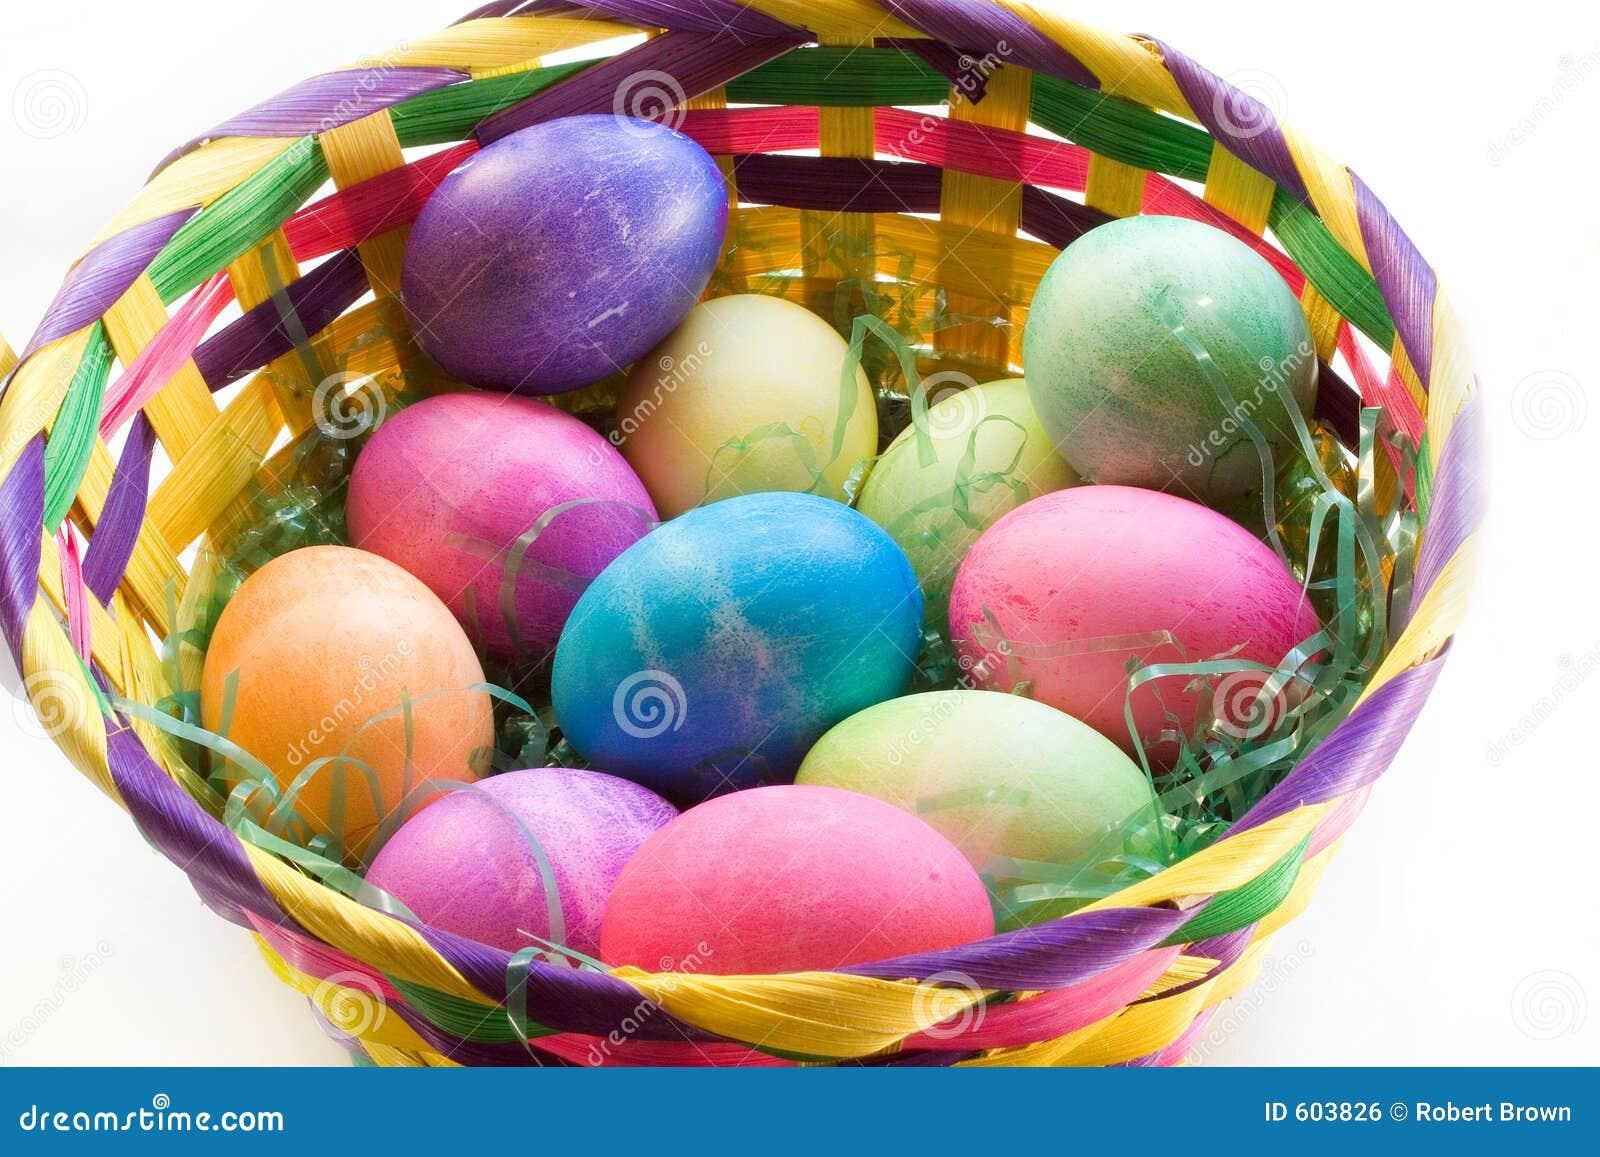 Dozijn Paaseieren in een Mand van Pasen